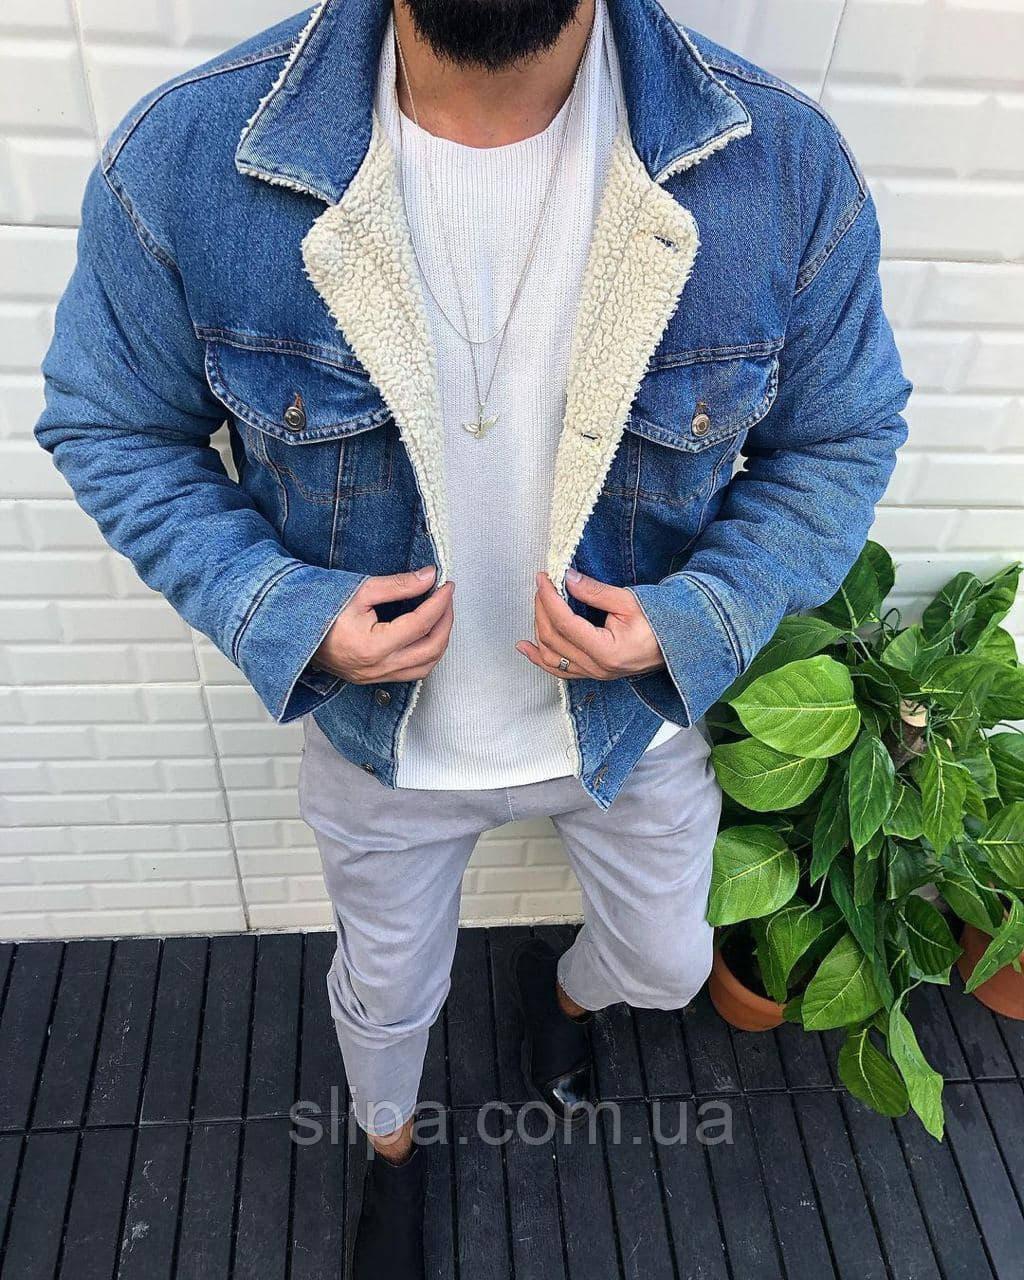 Чоловіча джинсова куртка на овчині двостороння синя